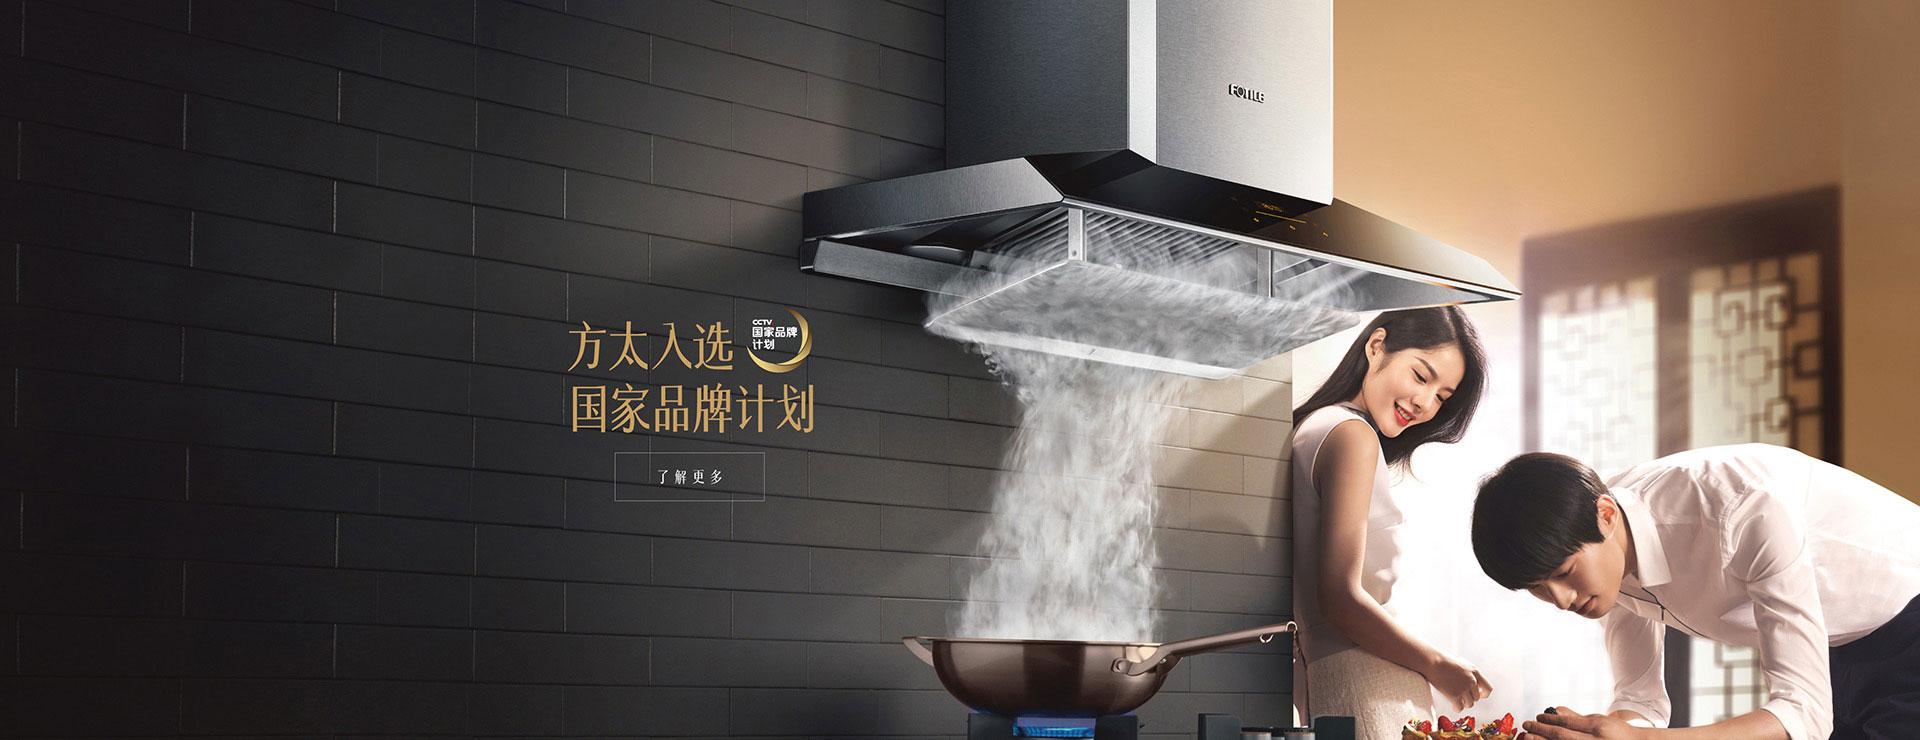 方太入选CCTV国家品牌计划:厨电业独一份!